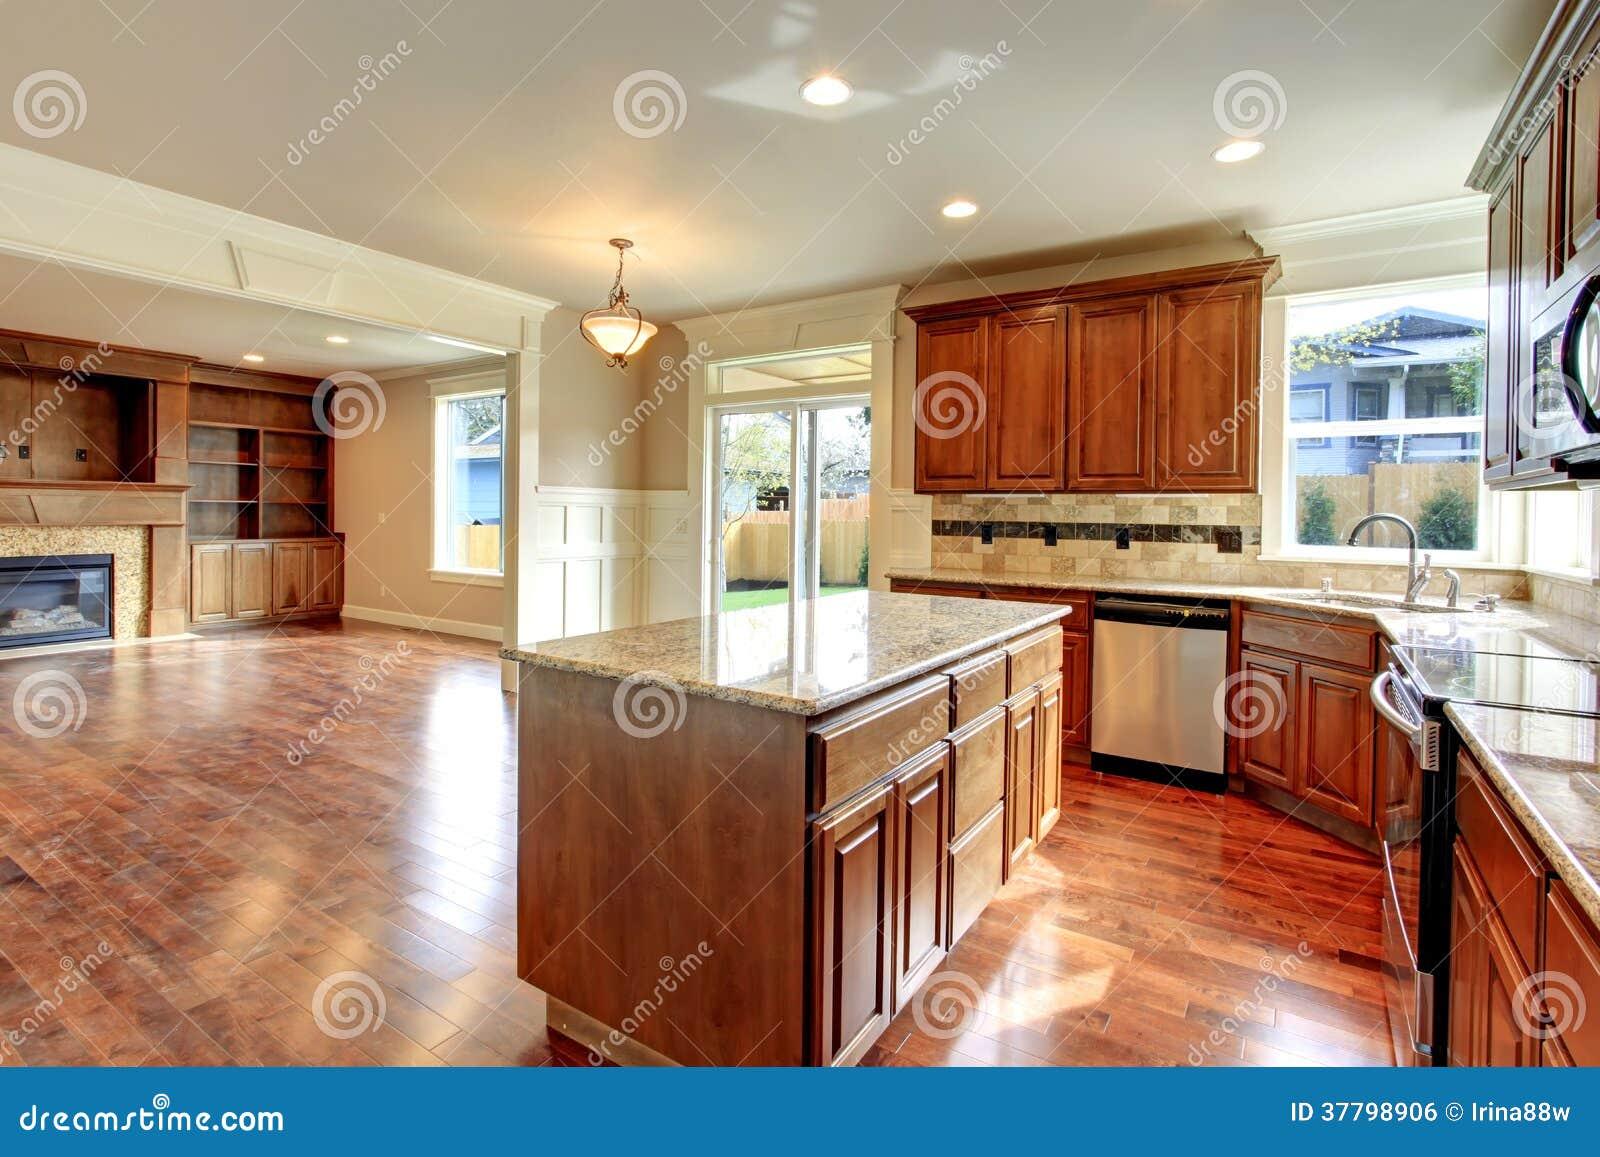 Keuken en woonkamer open ontwerpidee stock foto afbeelding 37798906 - Keuken open concept ...